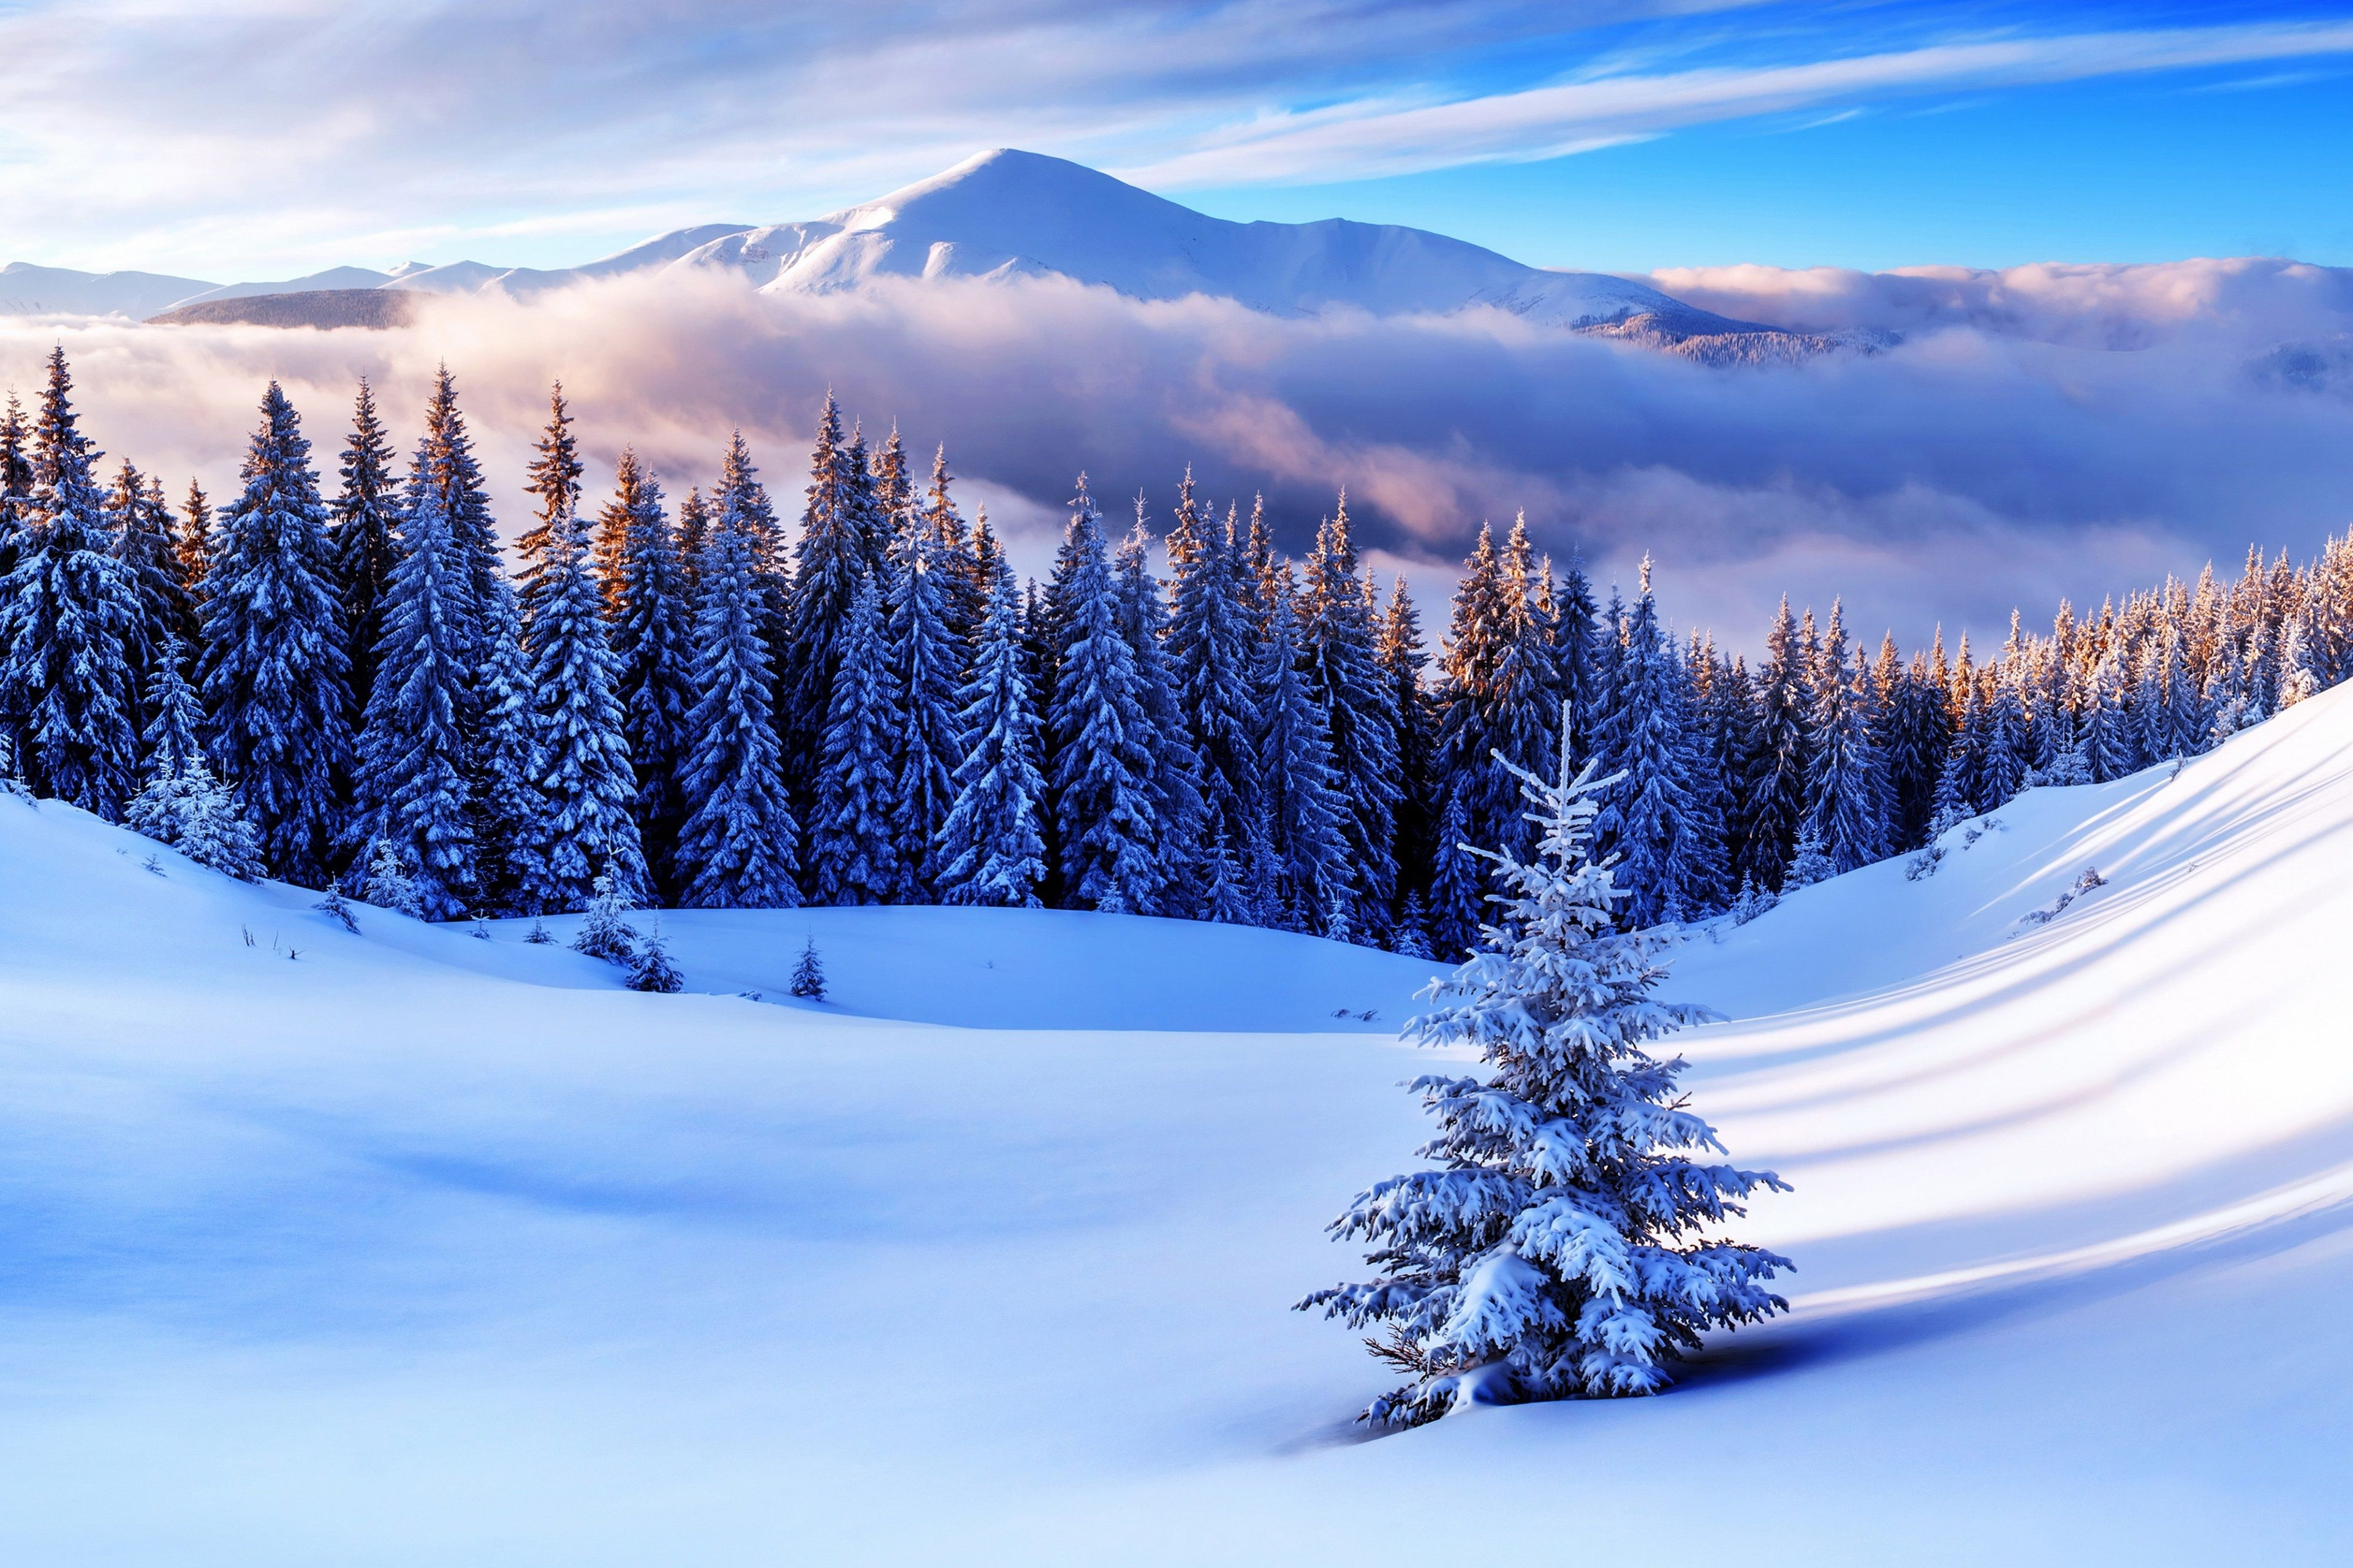 3840x2559 Pine Trees 4k Free Downloads Hd Wallpaper Mountain Landscape Photography Scenery Wallpaper Sky Landscape